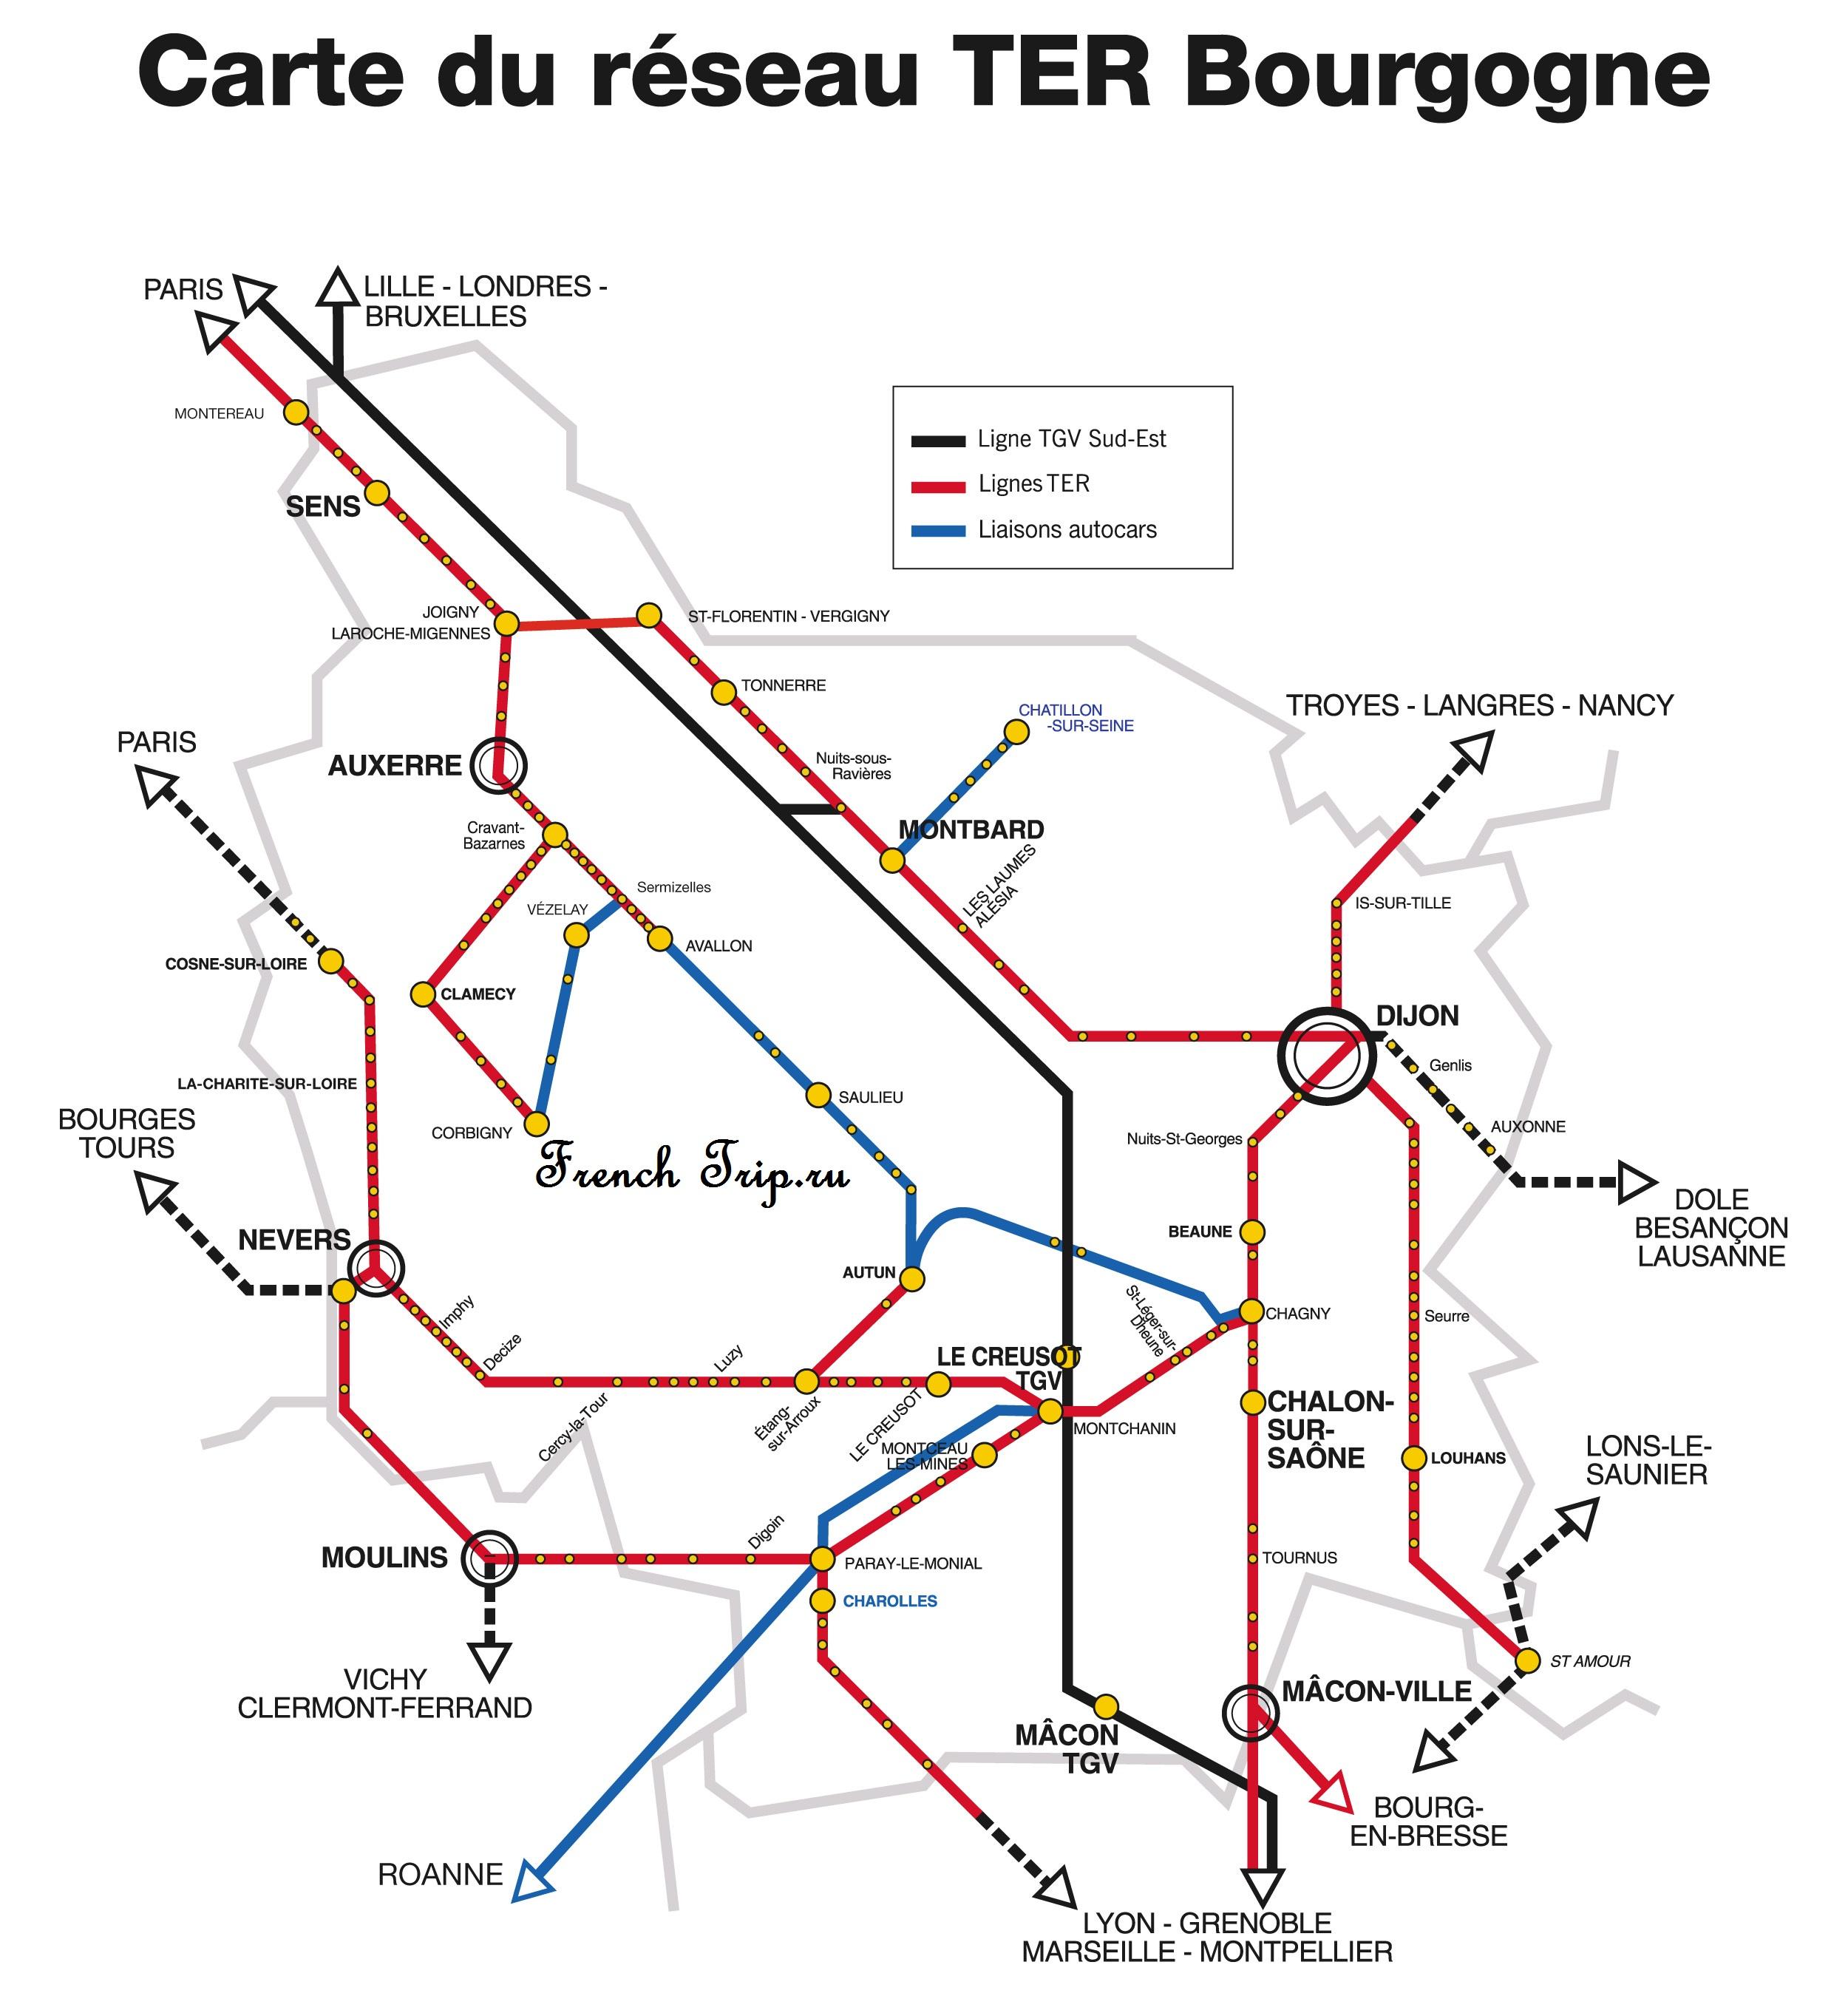 Региональные поезда TER вокруг Дижона - Региональный транспорт Дижона